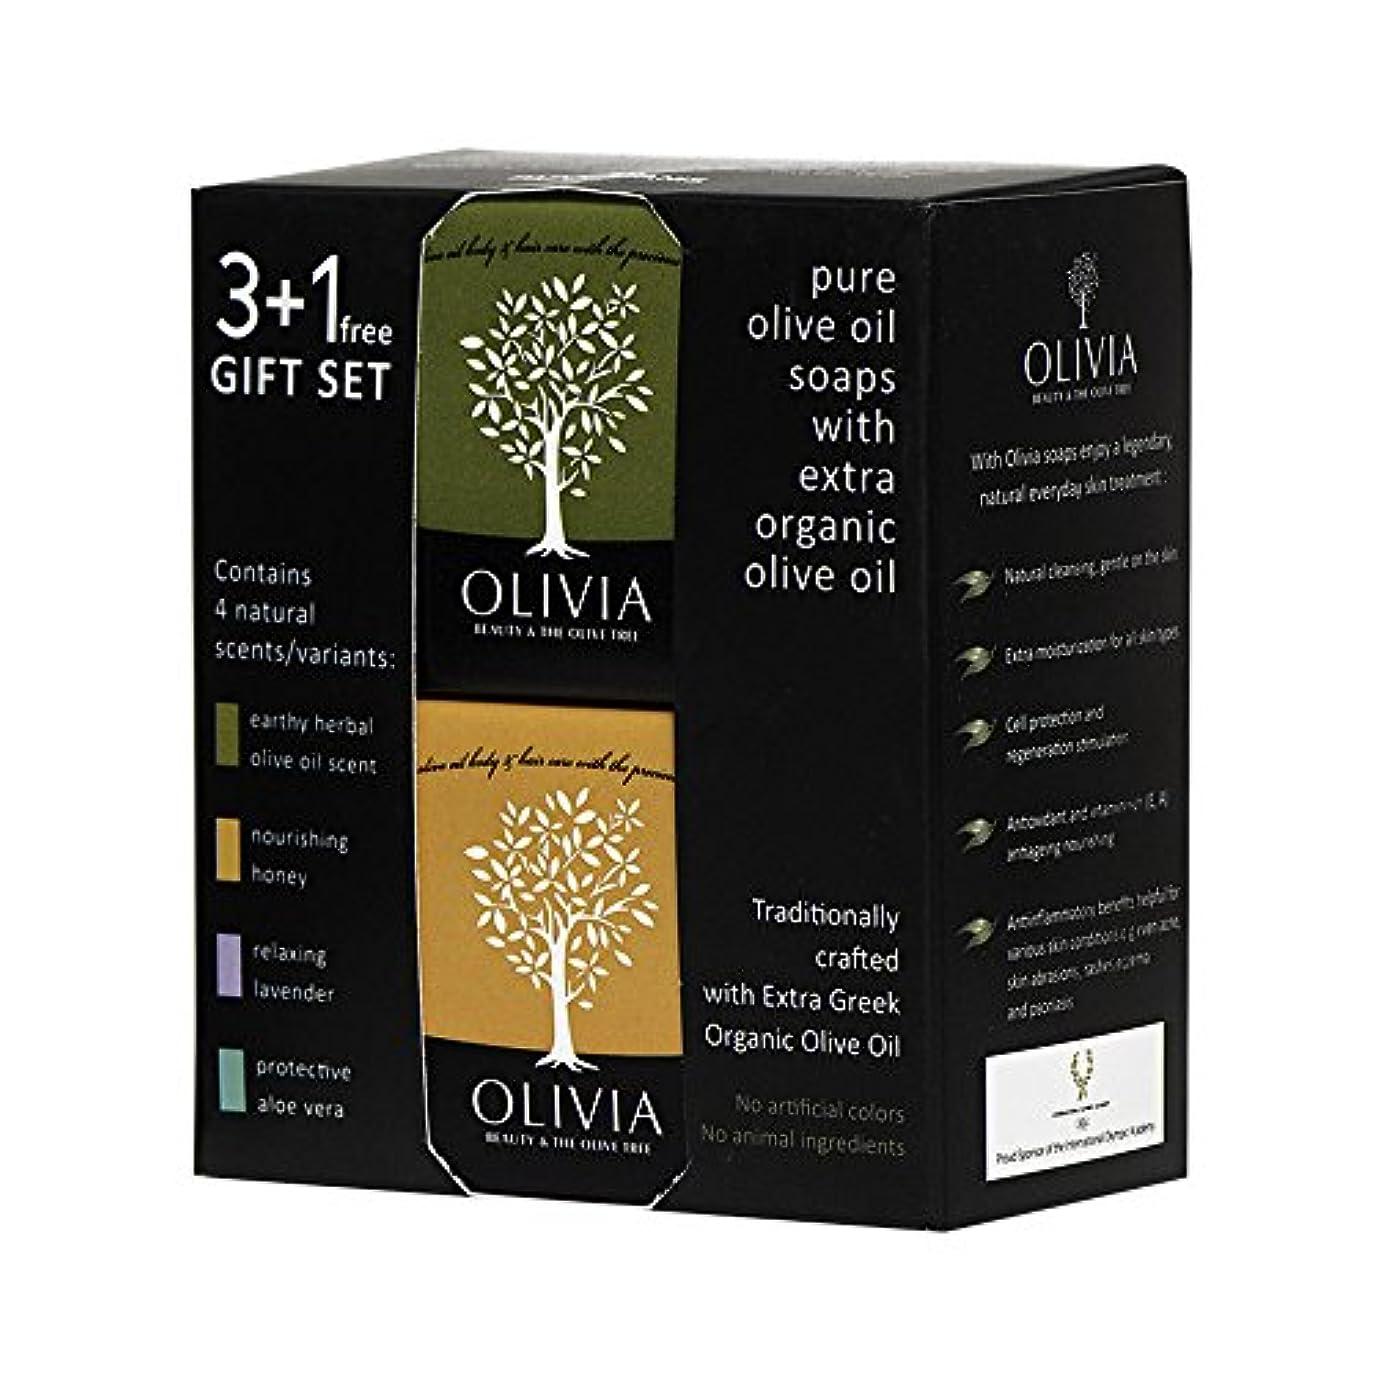 オーバーランひらめきハンバーガーOlivia(オリビア) ナチュラルバーソープ 3+1フリーギフトセット